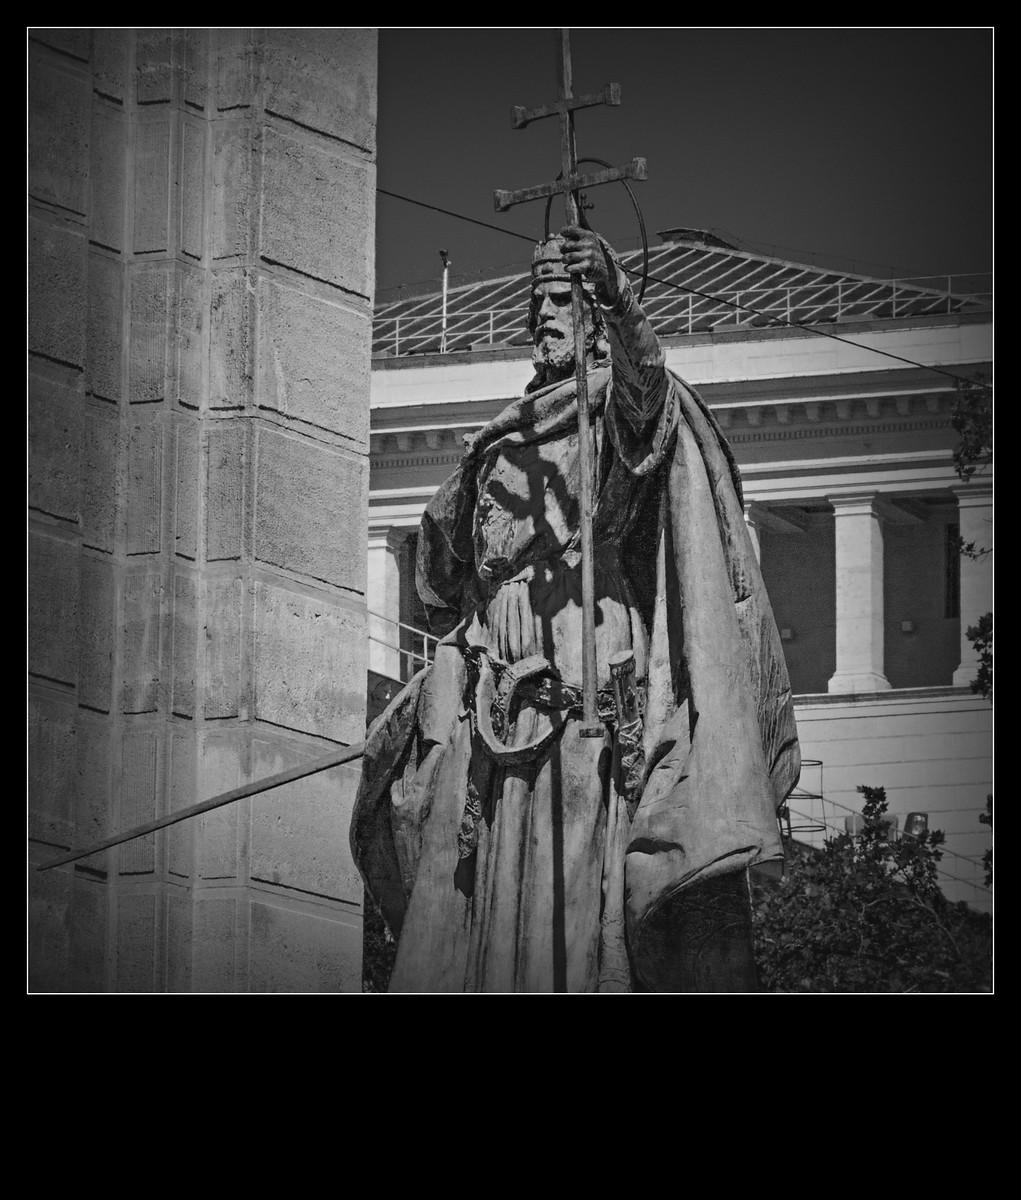 布达佩斯英雄广场的那些英雄们_图1-10